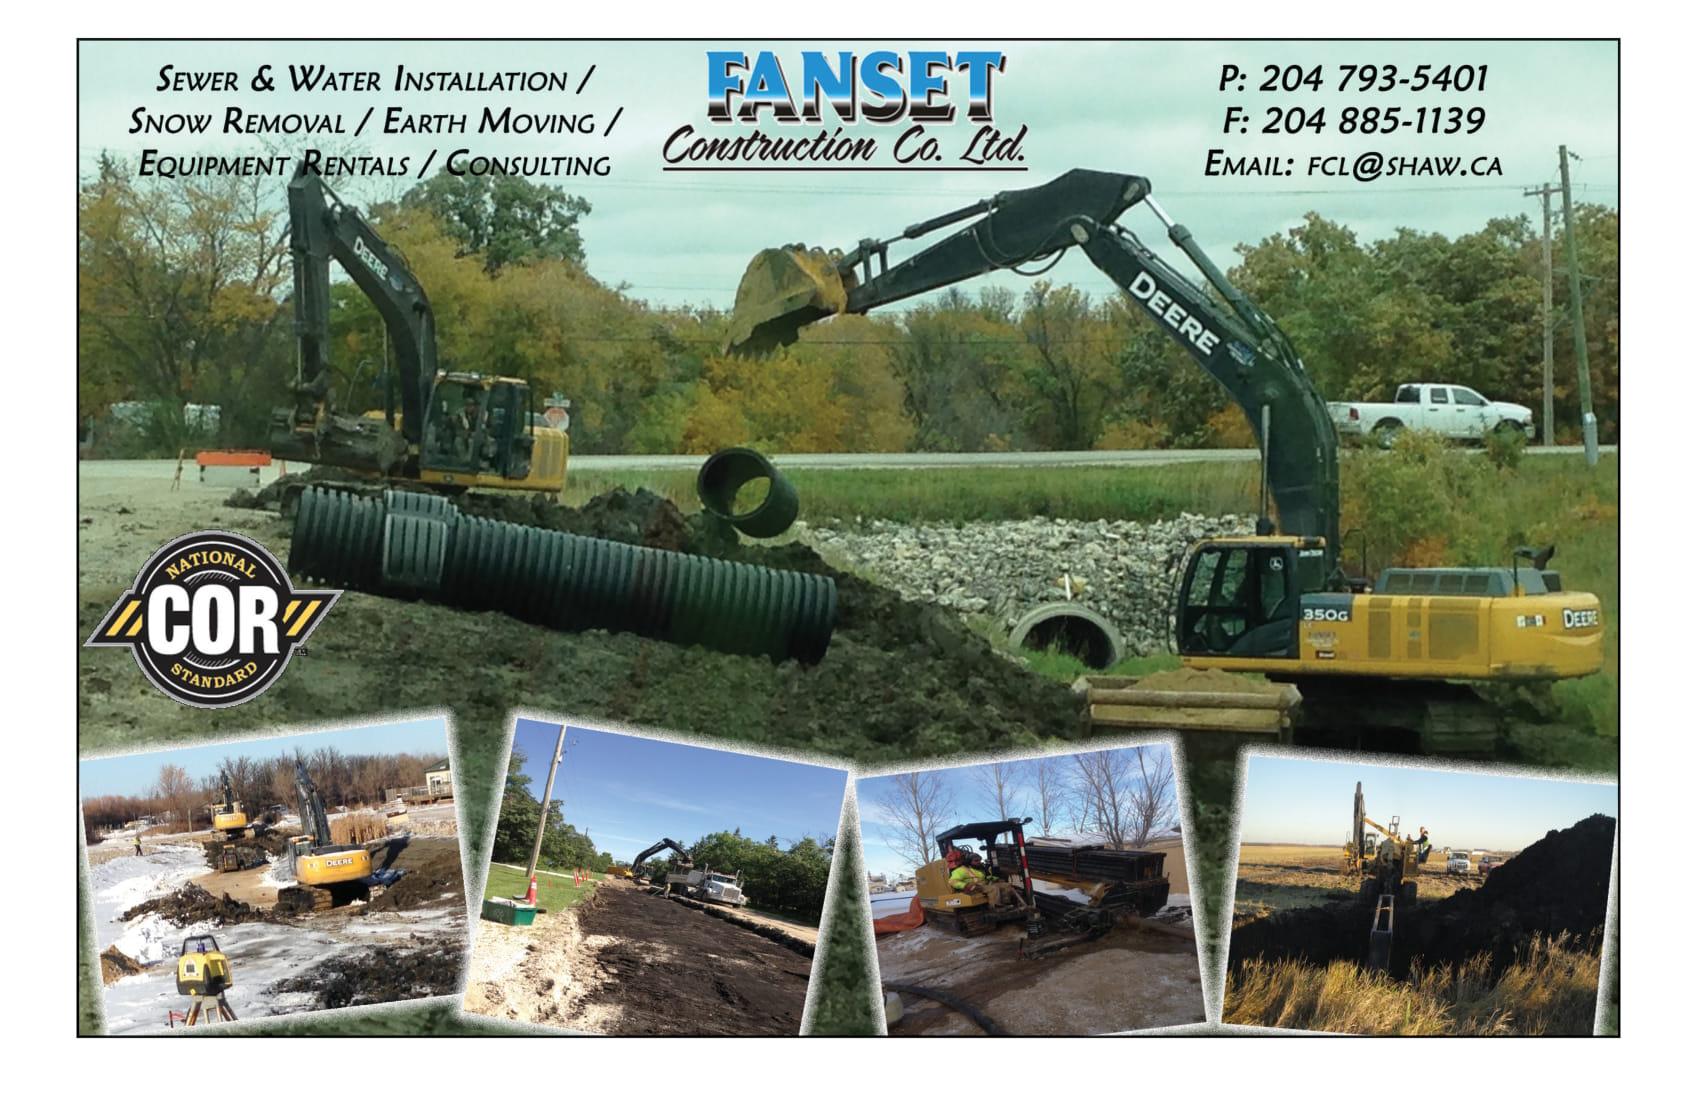 Fanset Construction Co. Ltd.